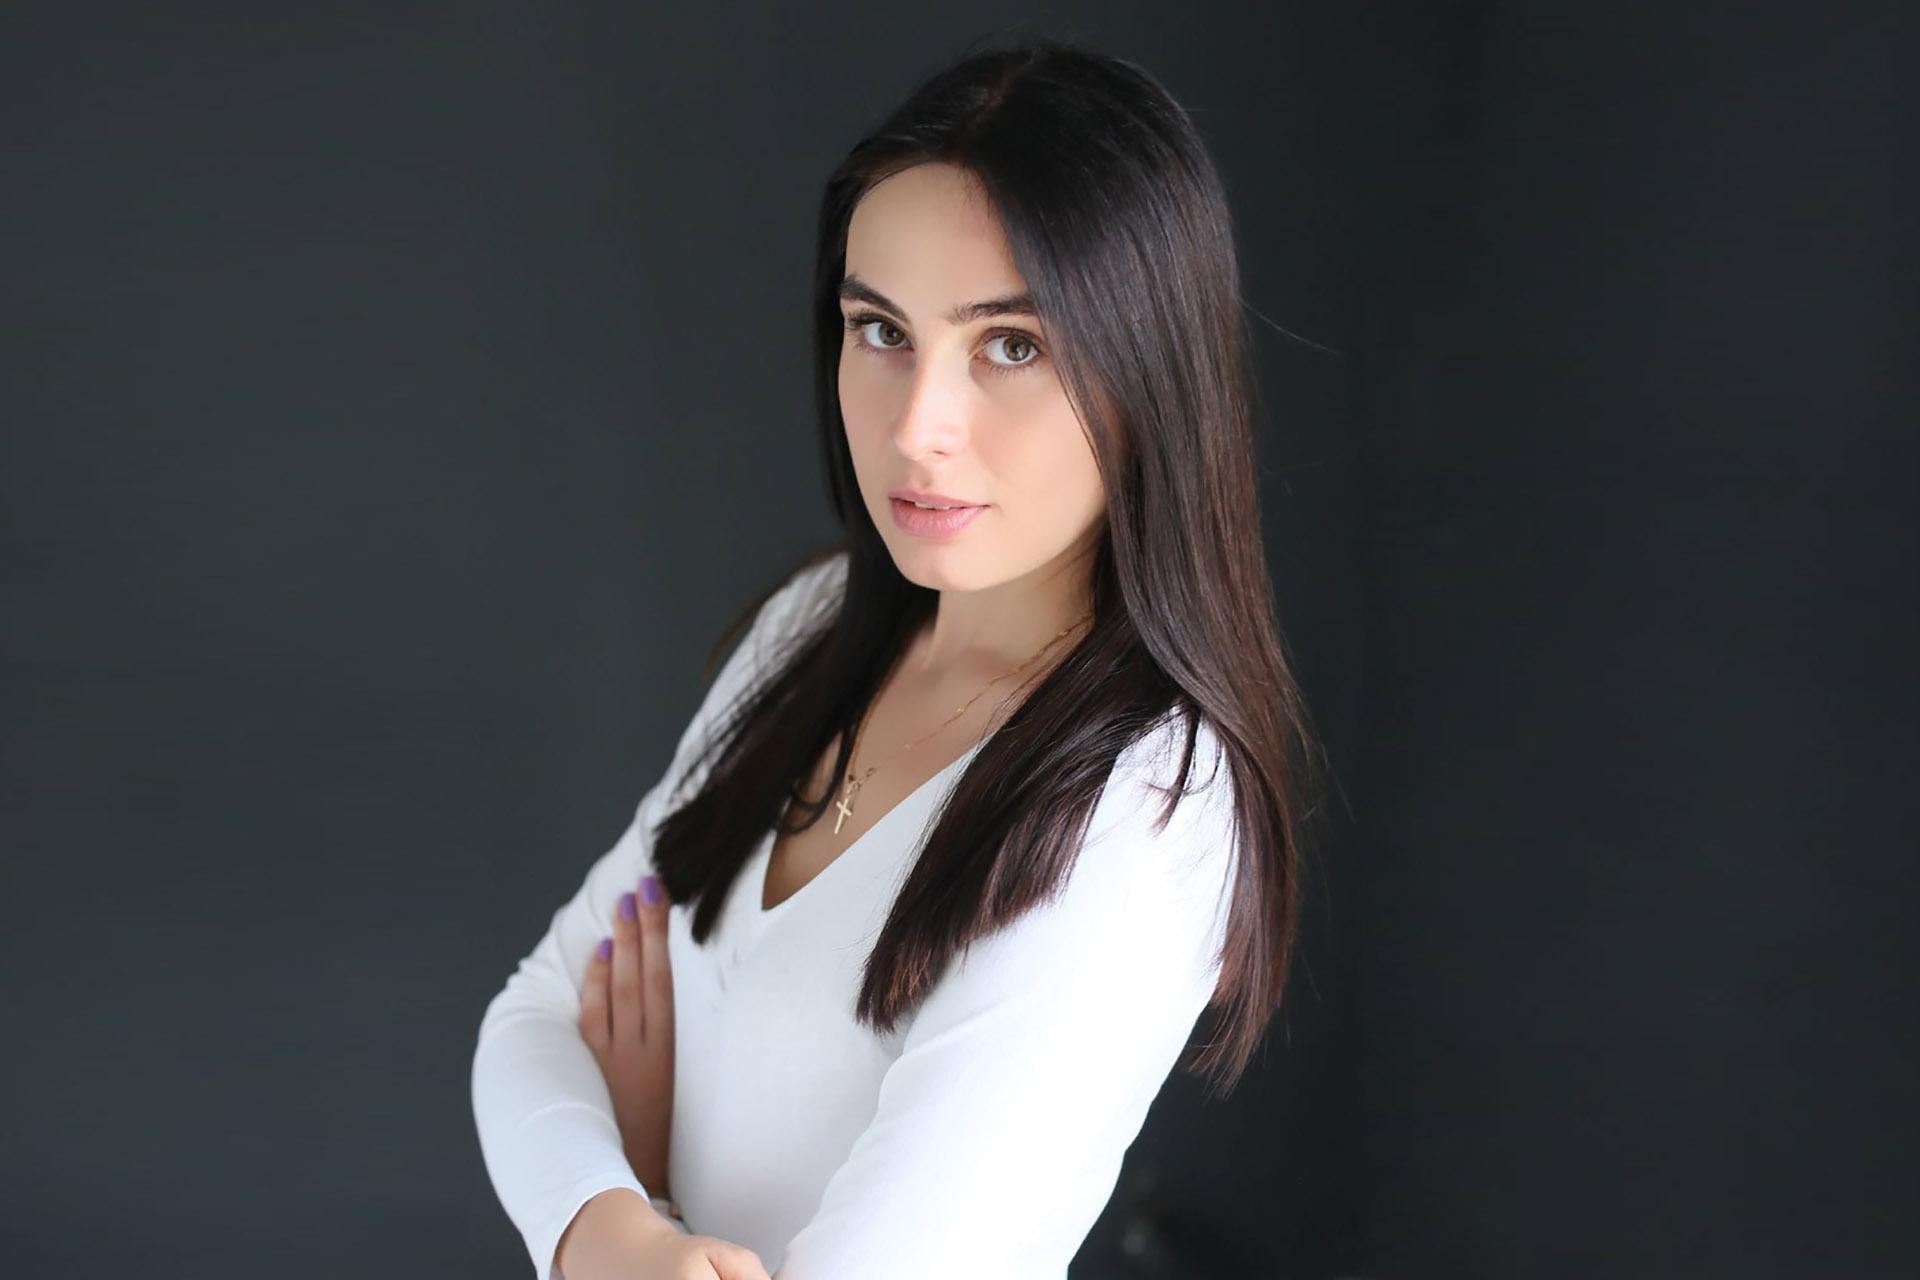 Анна Суслова. Психолог для предпринимателей. Занимаюсь бизнес-консалтингом с 2014 года